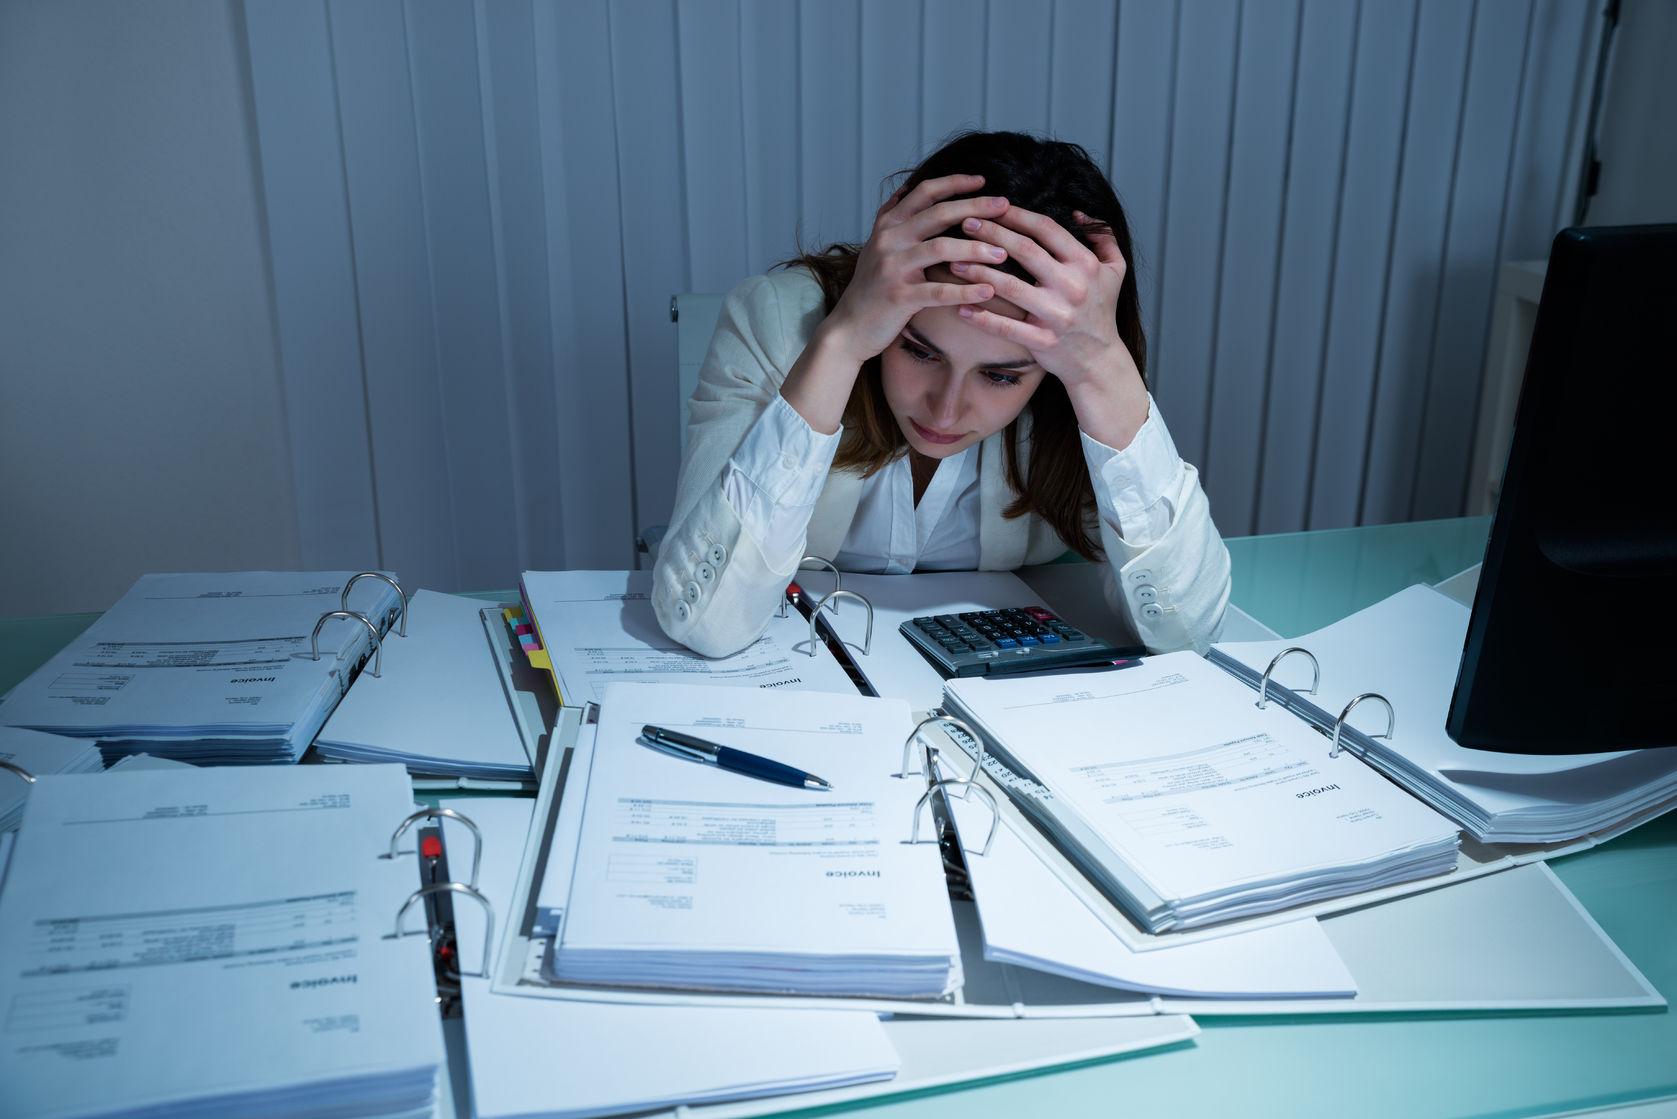 Estas son las señales que te indican que debes cambiar de trabajo